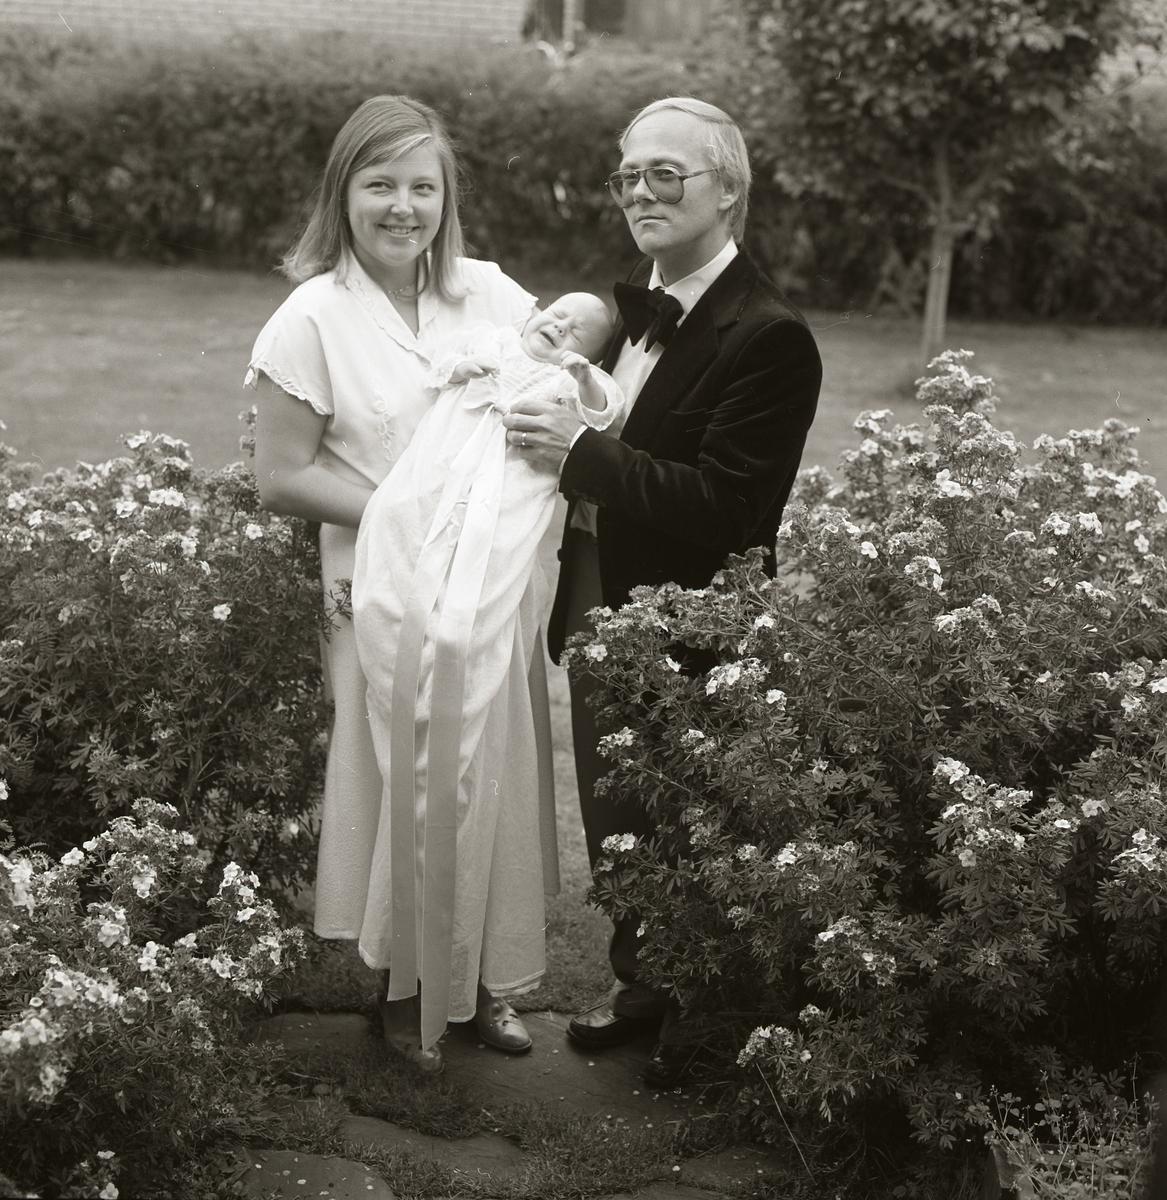 Med stolta uttryck visar föräldrarna upp sin nydöpta son, dagen till ära klädd i lång dopklänning. De poserar i en trädgård bland buskar med utslagna blommor, mannen klädd i kostym och kvinnan i klänning.